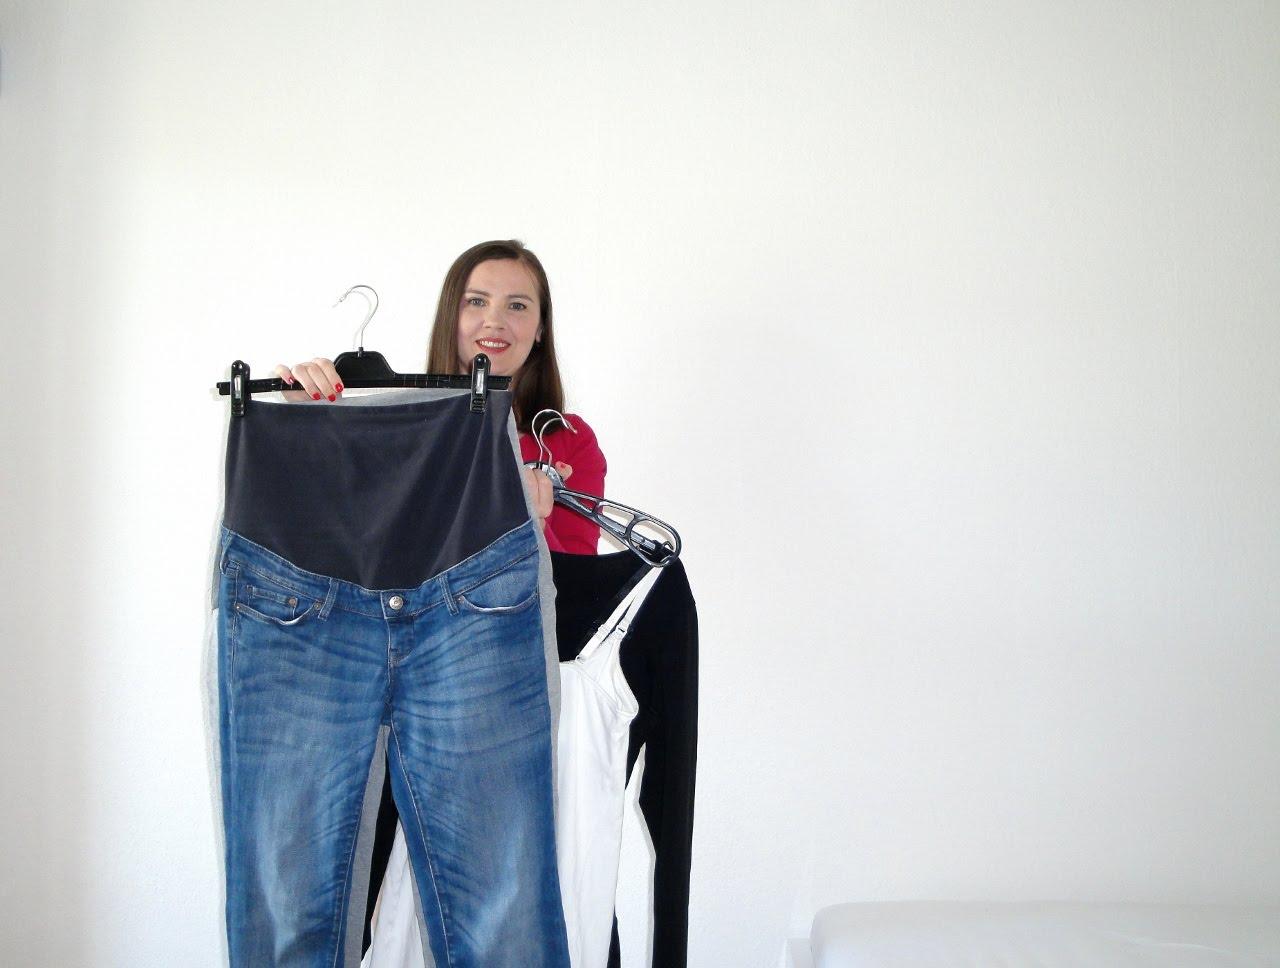 c204abad3a2a Одежда во время беременности — Все о моде и красоте